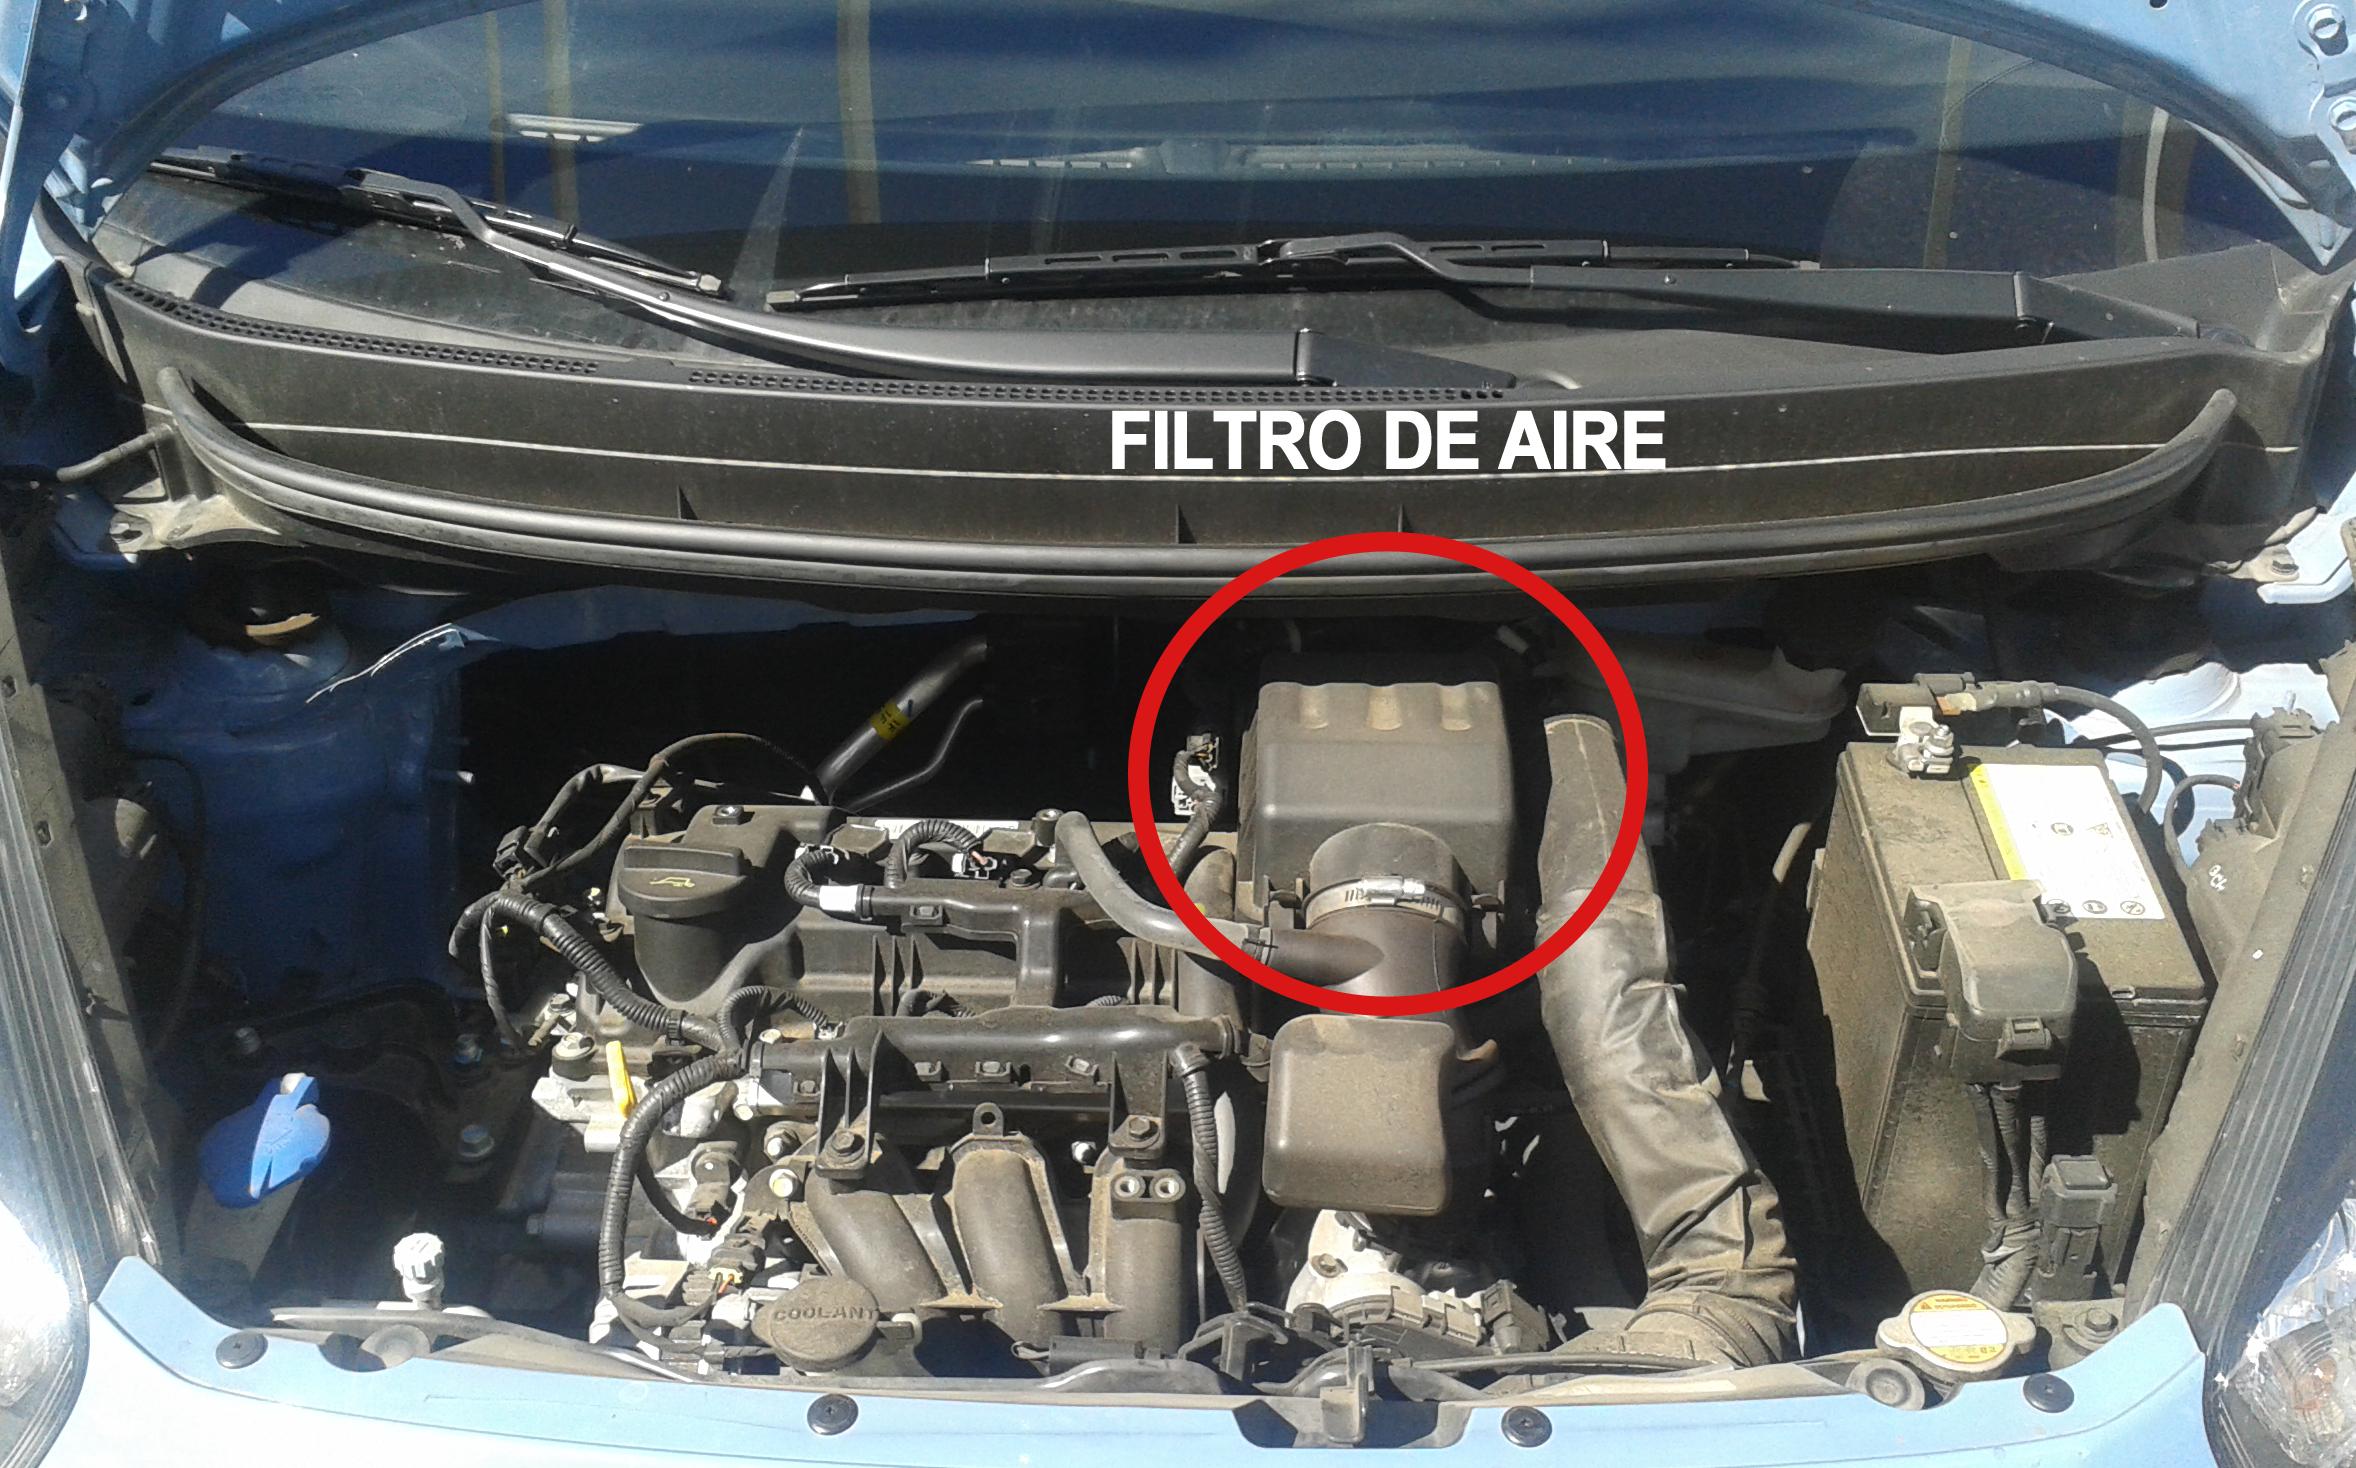 Las lanchas sobre la gasolina sobre la radiodirección del vídeo